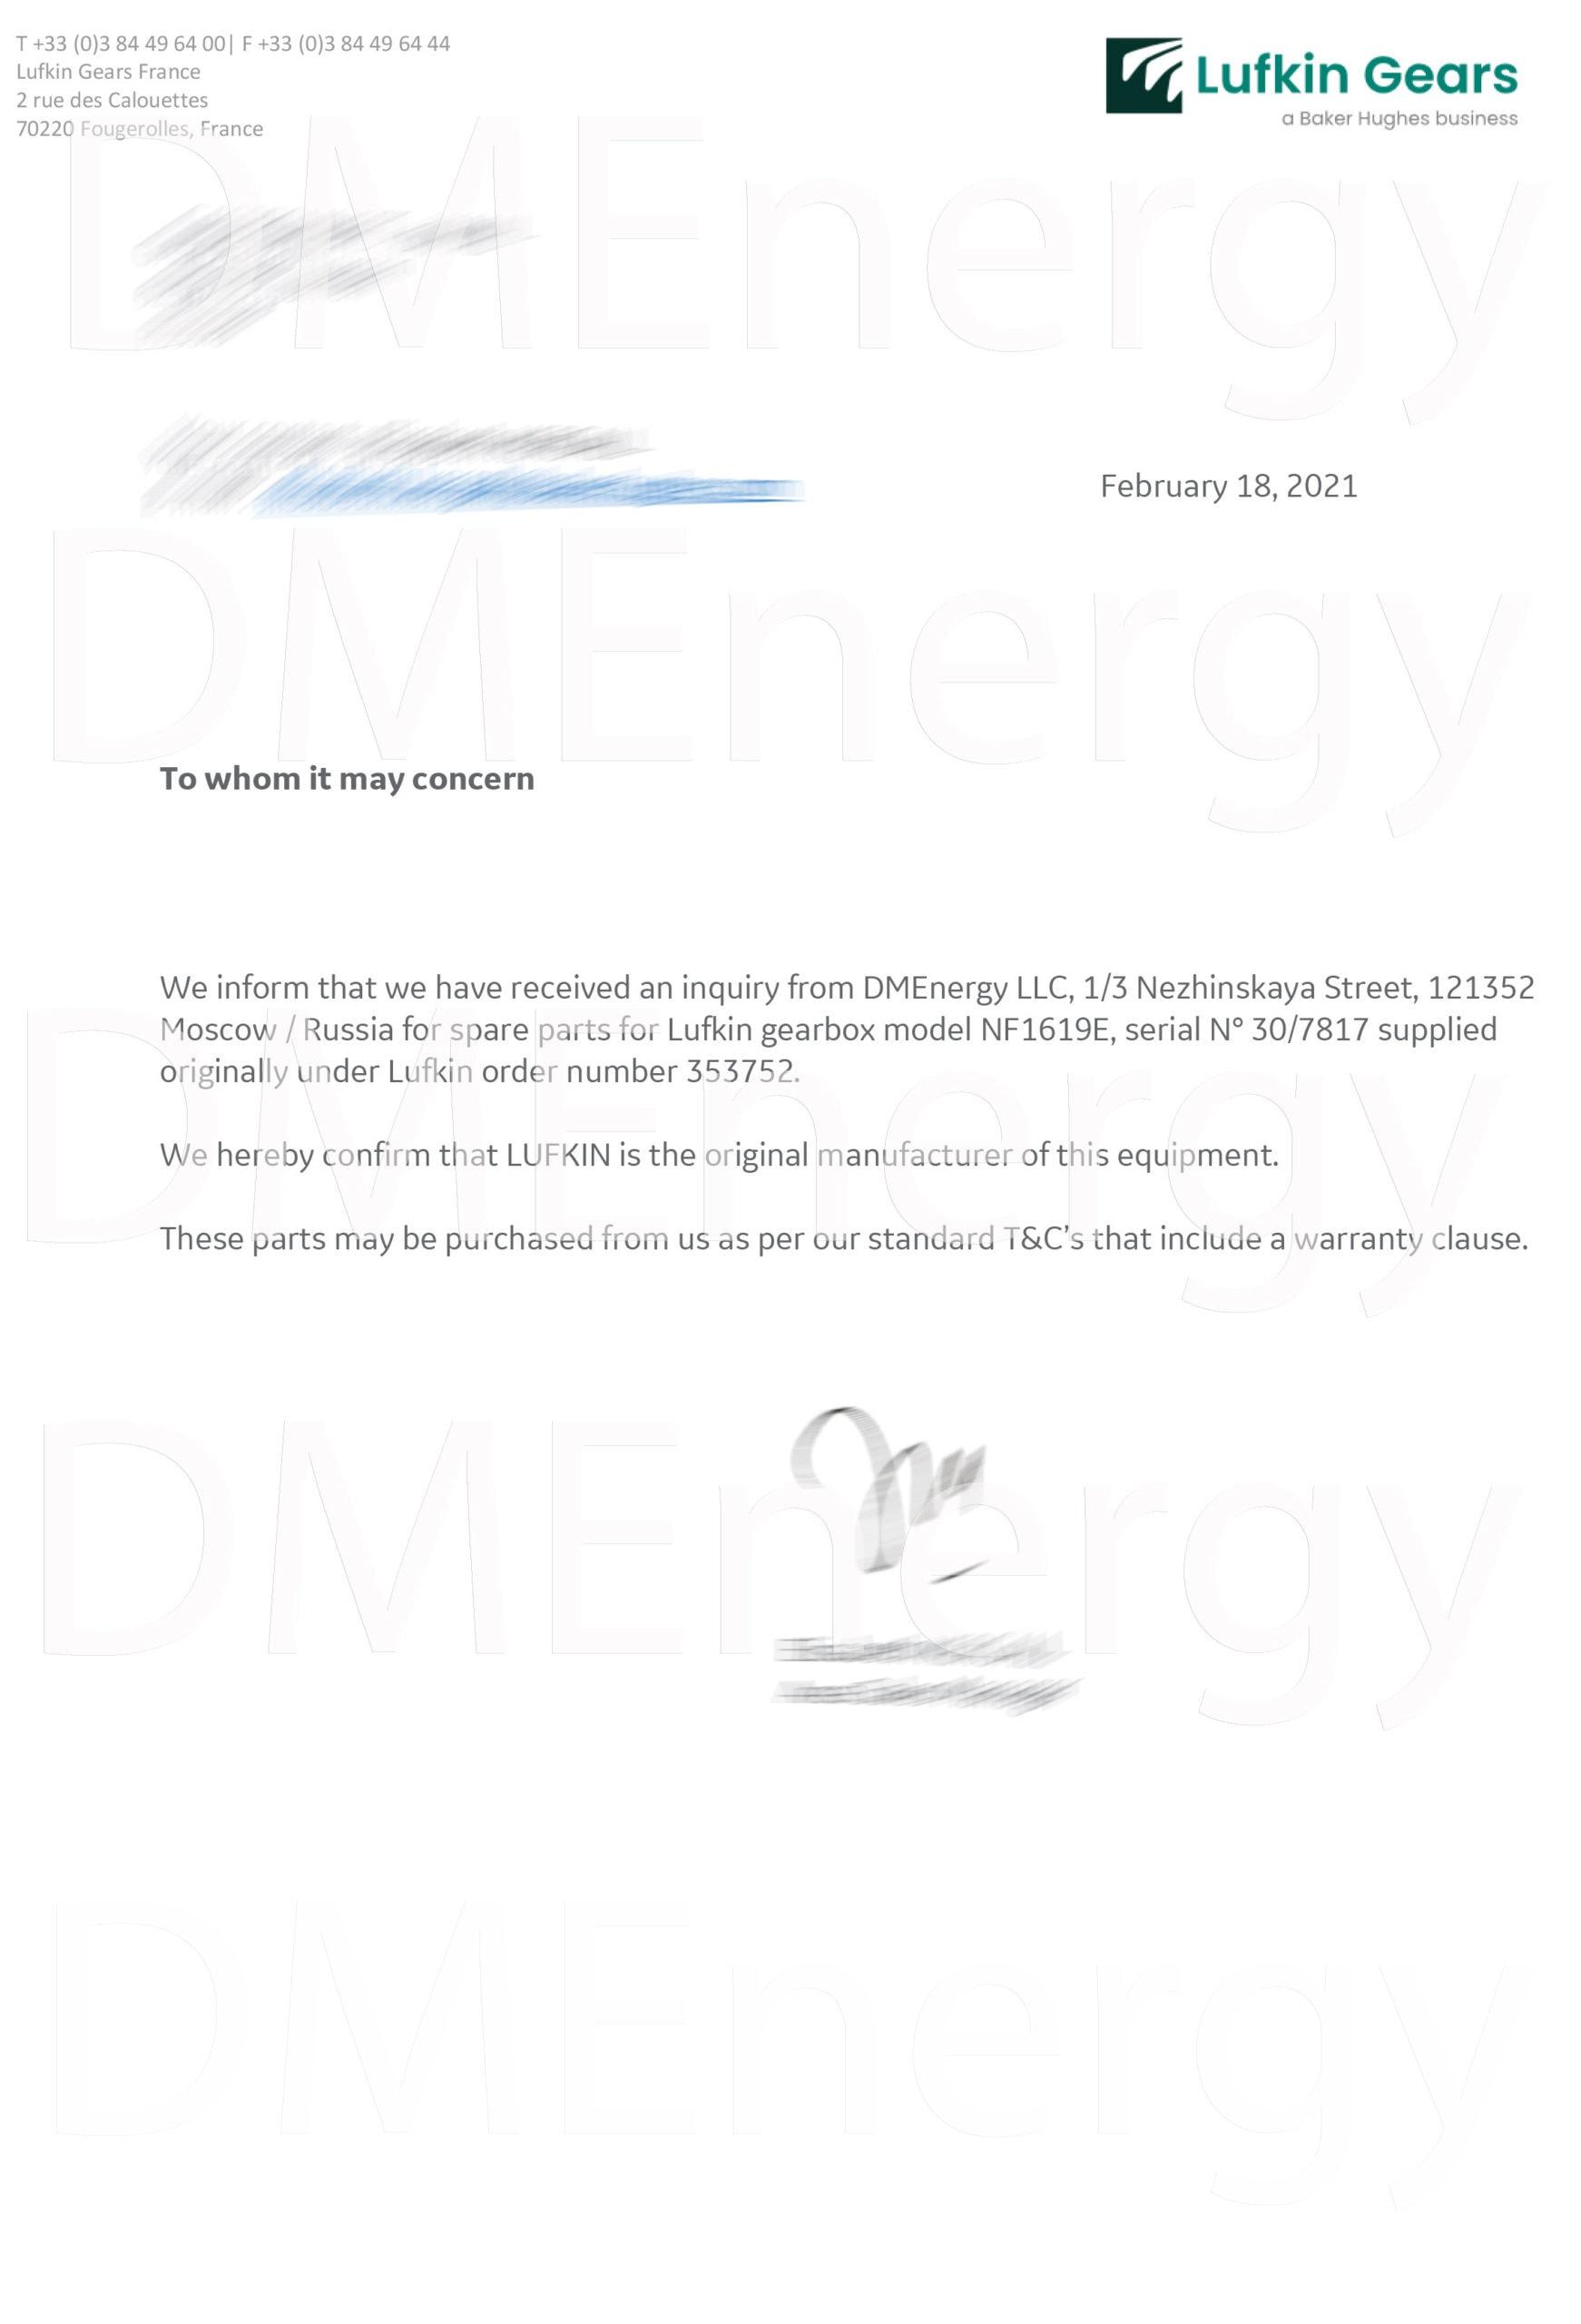 Заказать сервис и поставку запчастей Lufkin Industries в России и СНГ от официального производителя.